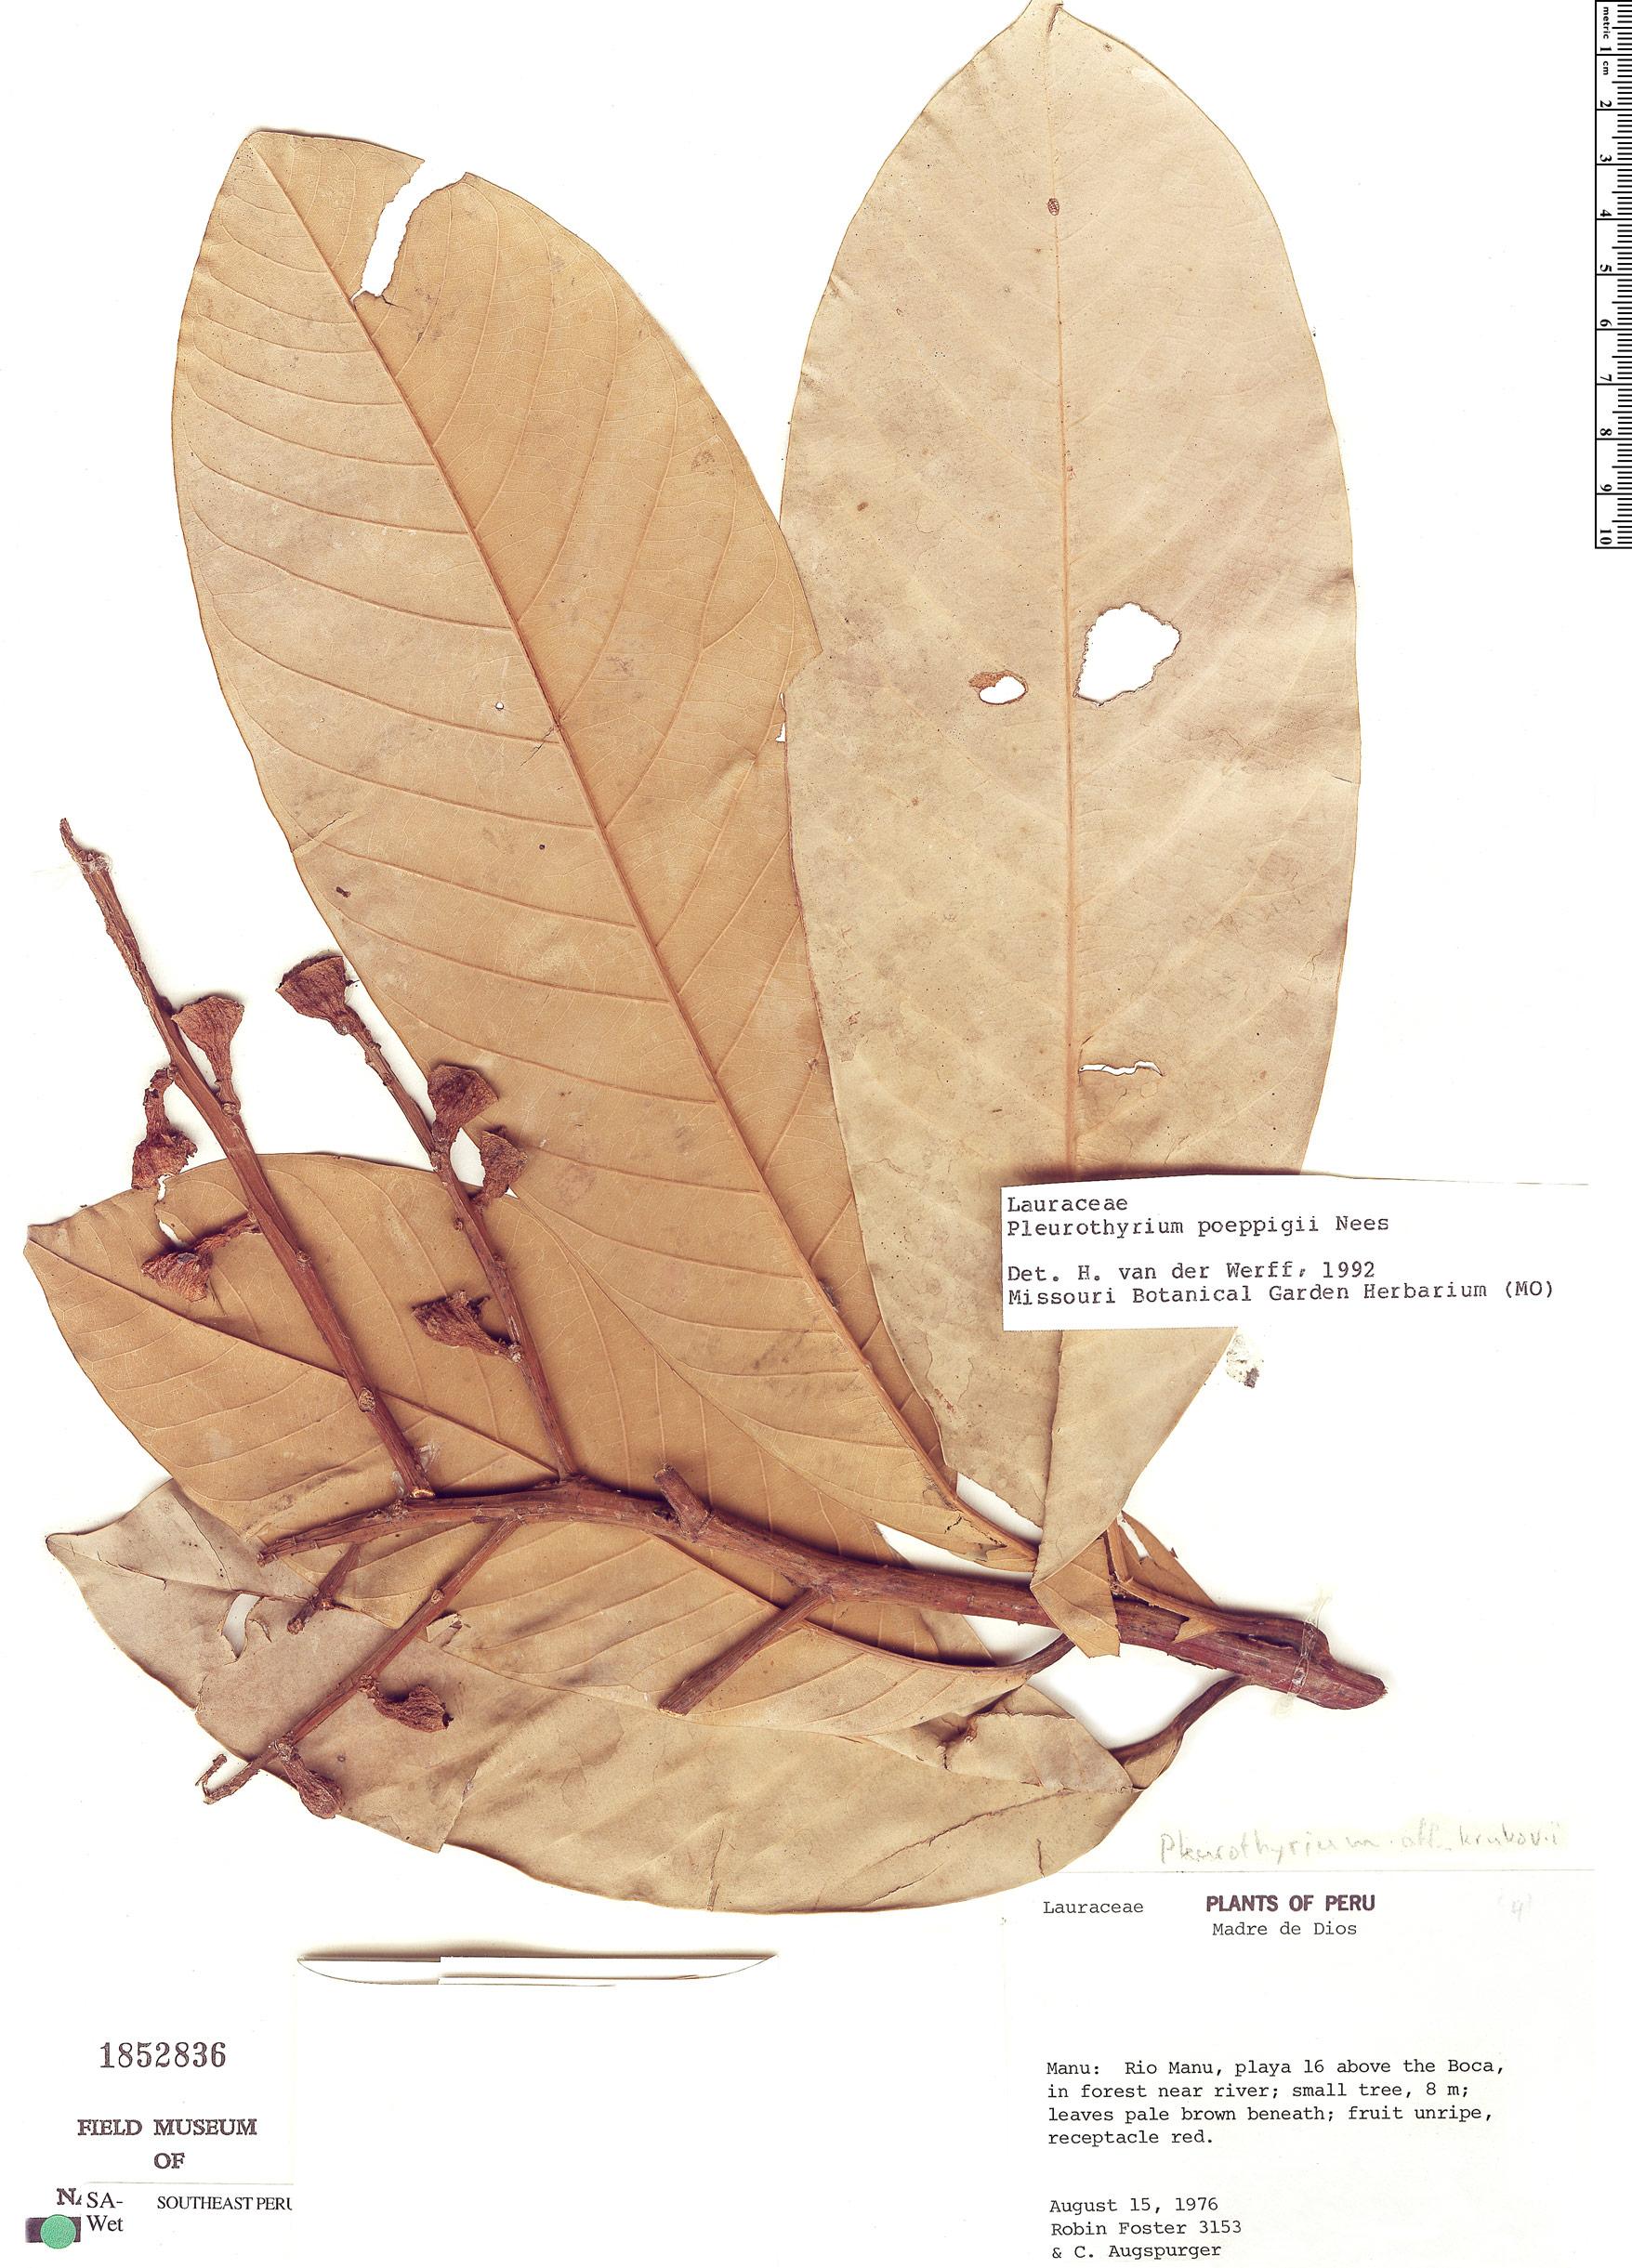 Specimen: Pleurothyrium poeppigii